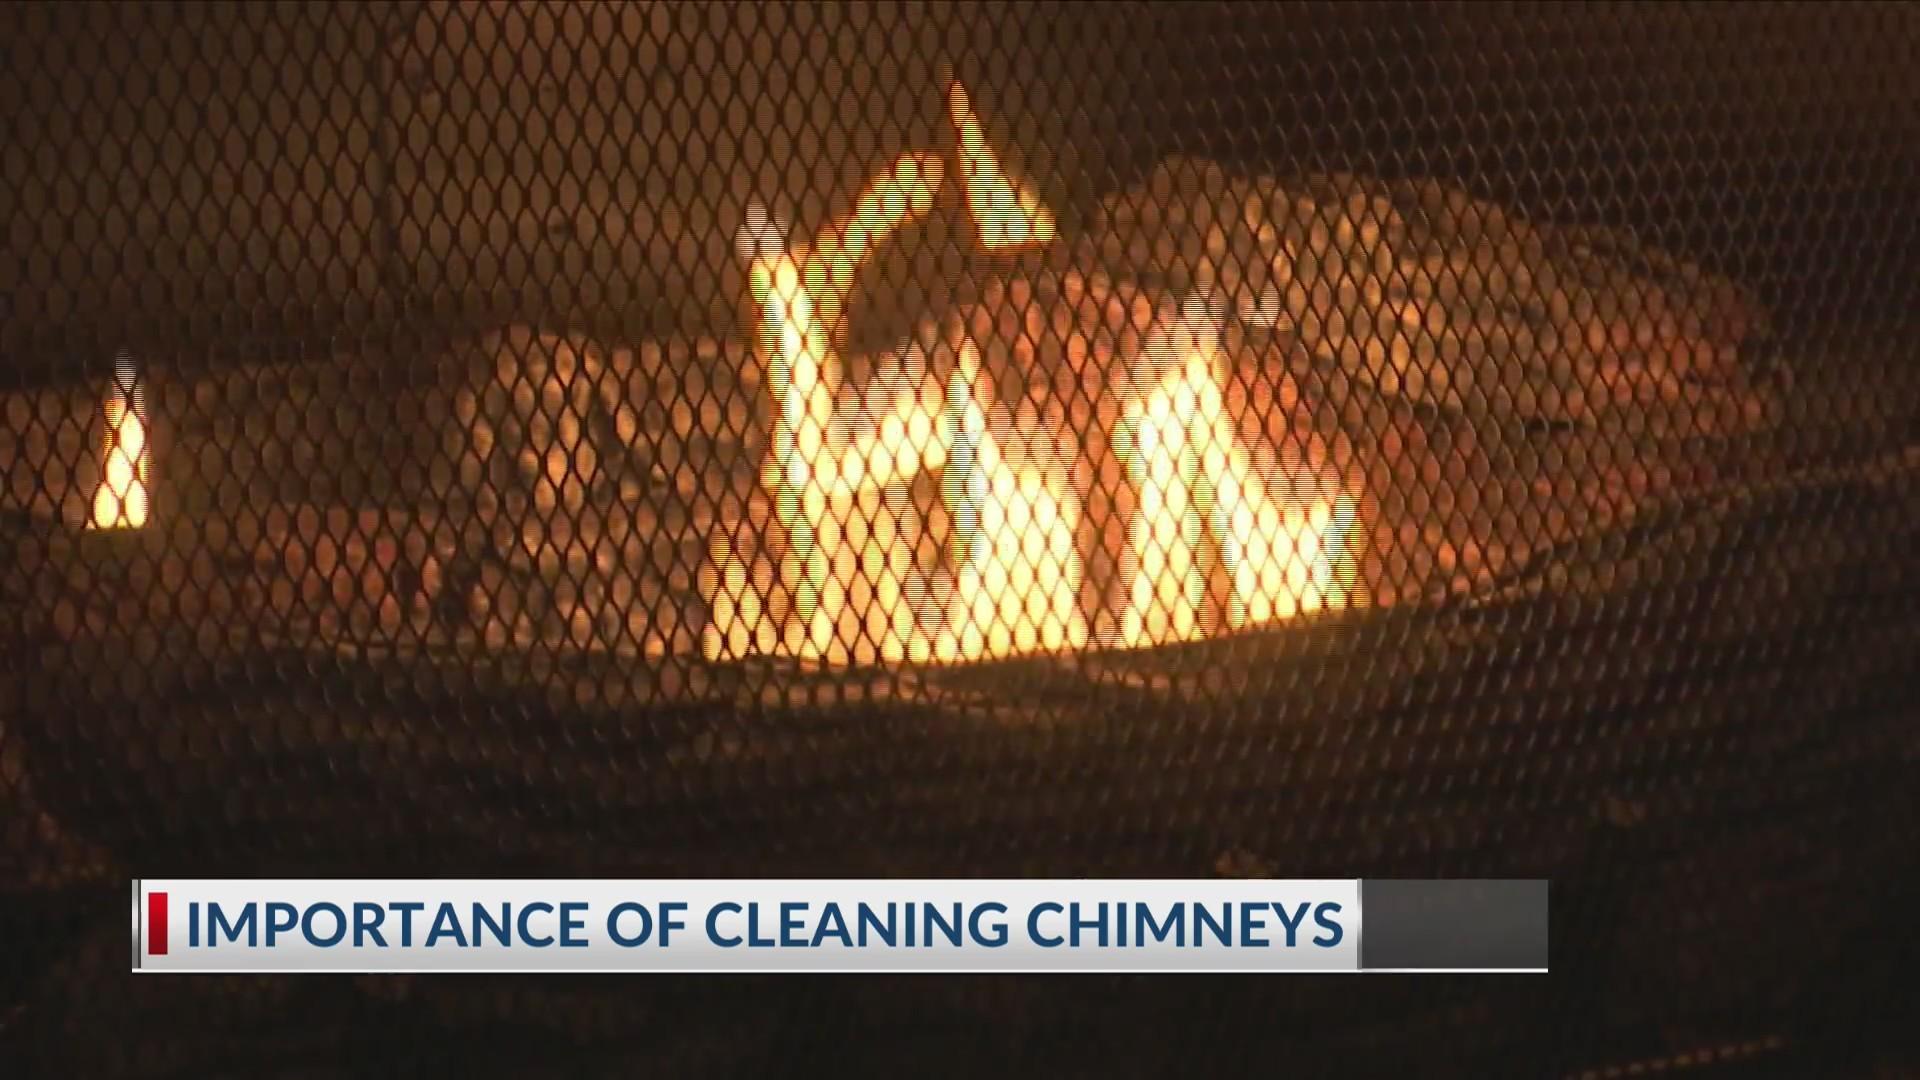 Chimney_safety_tips_9_20190307004859